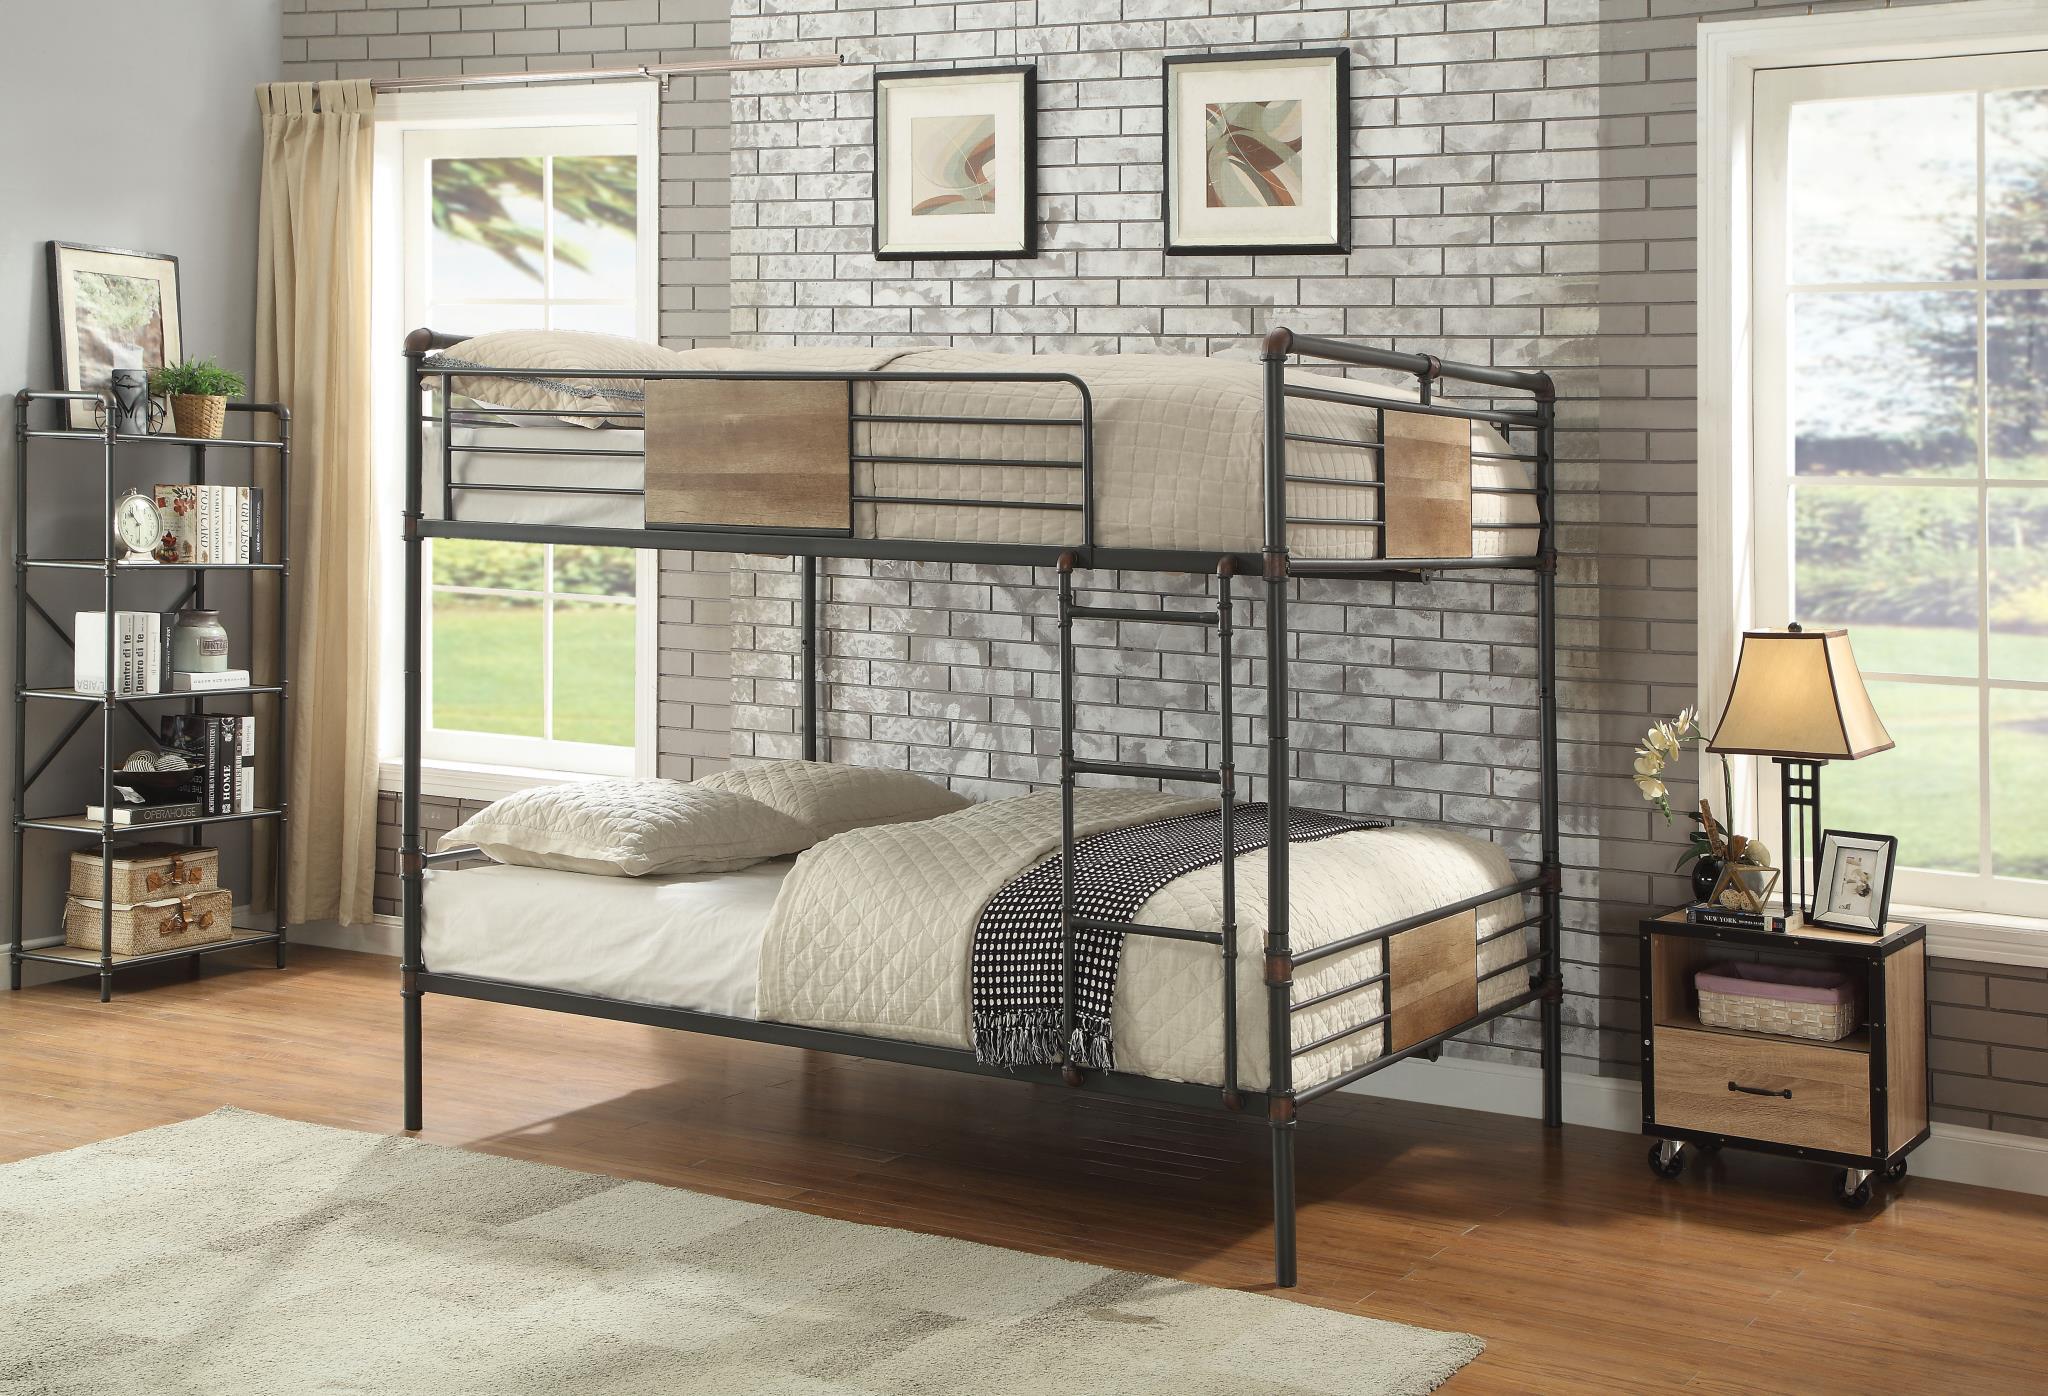 Queen/Queen Bunk Bed